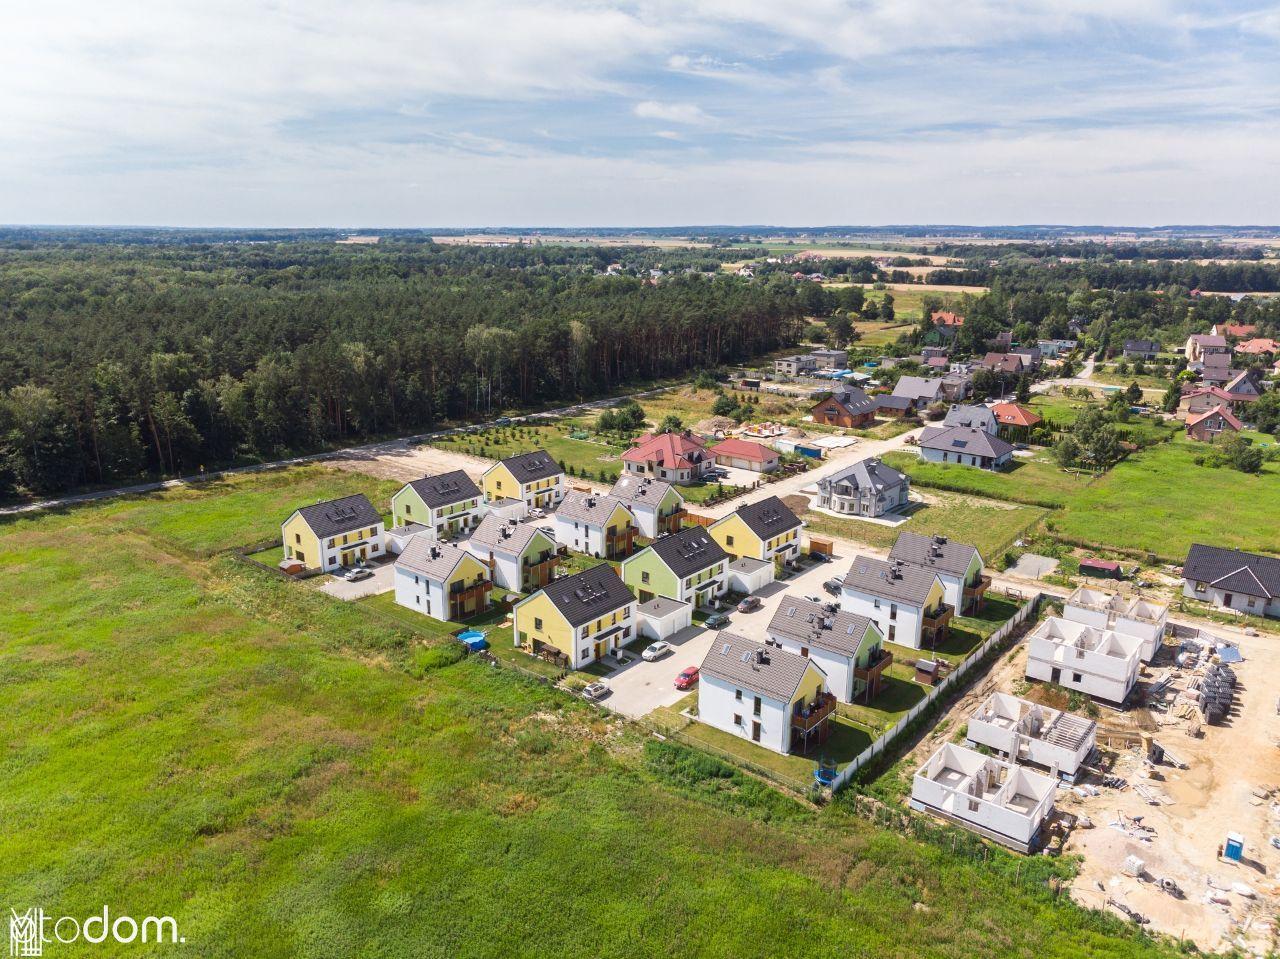 Mieszkanie na sprzedaż, Domaszczyn, wrocławski, dolnośląskie - Foto 1002